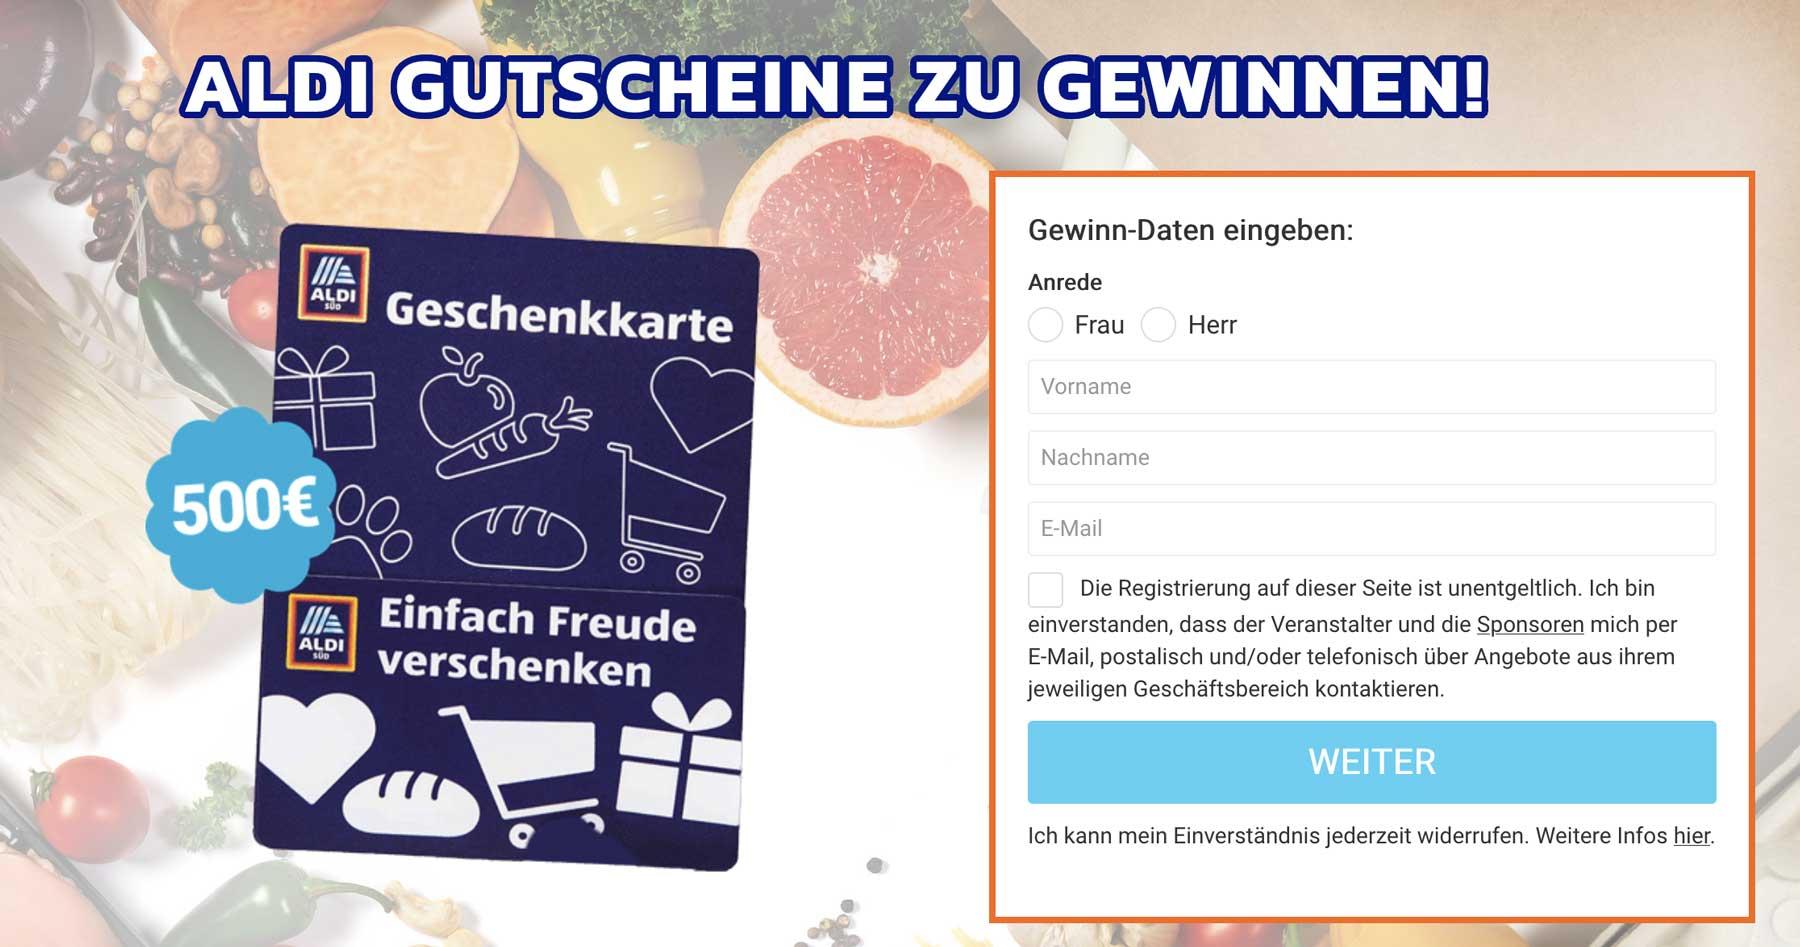 ALDI-Gutschein-Gewinnspiel